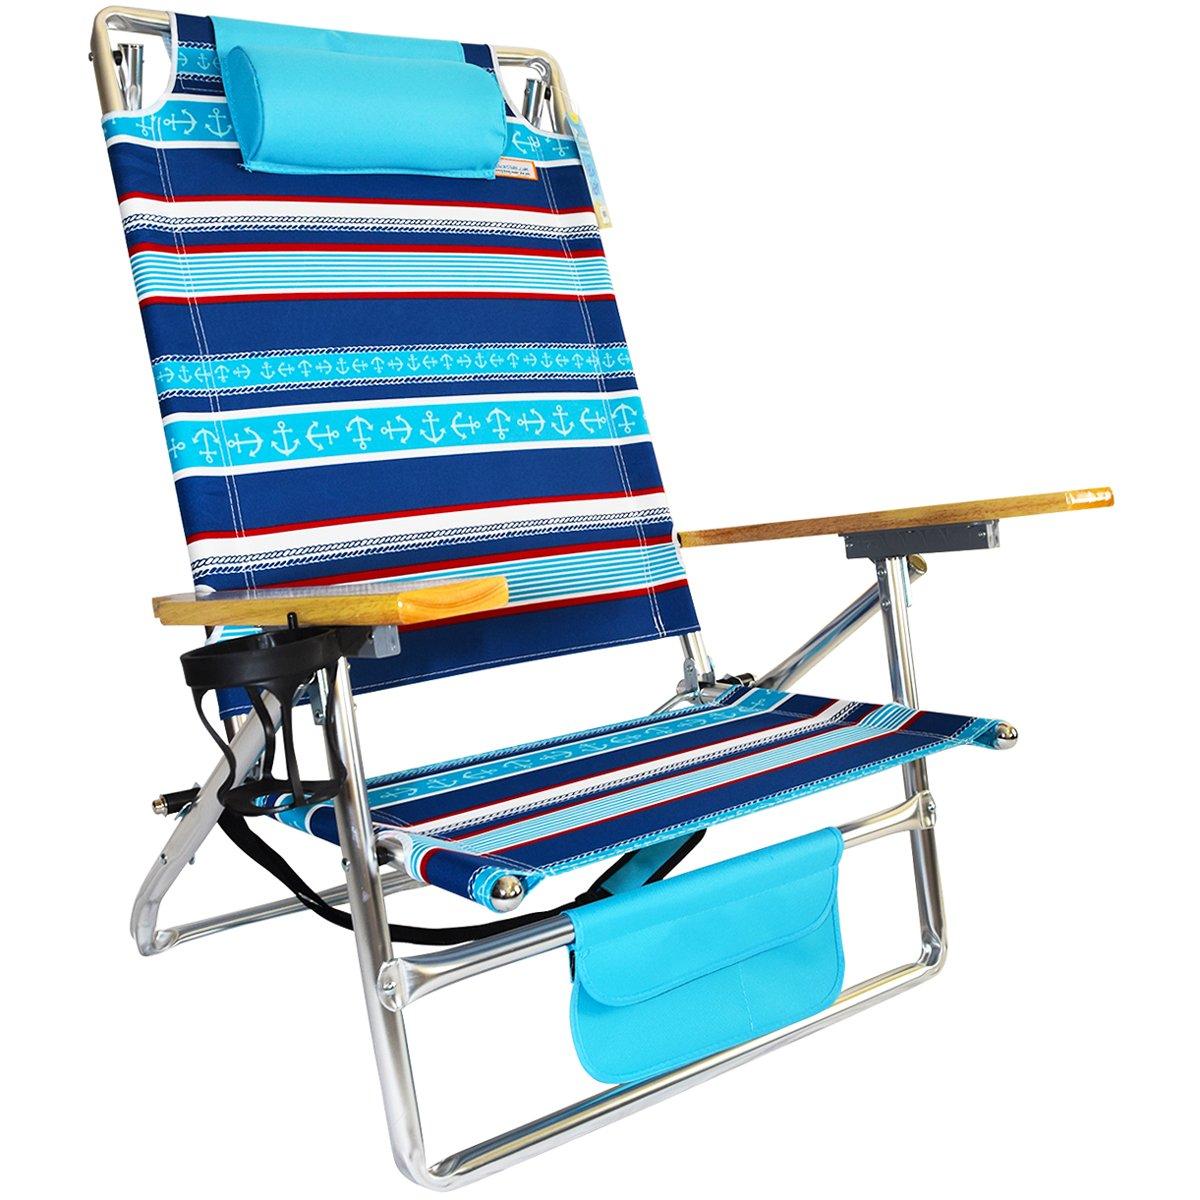 Titan Layflat Aluminum Folding Beach Chair - Naval Stripe by Copa Beach